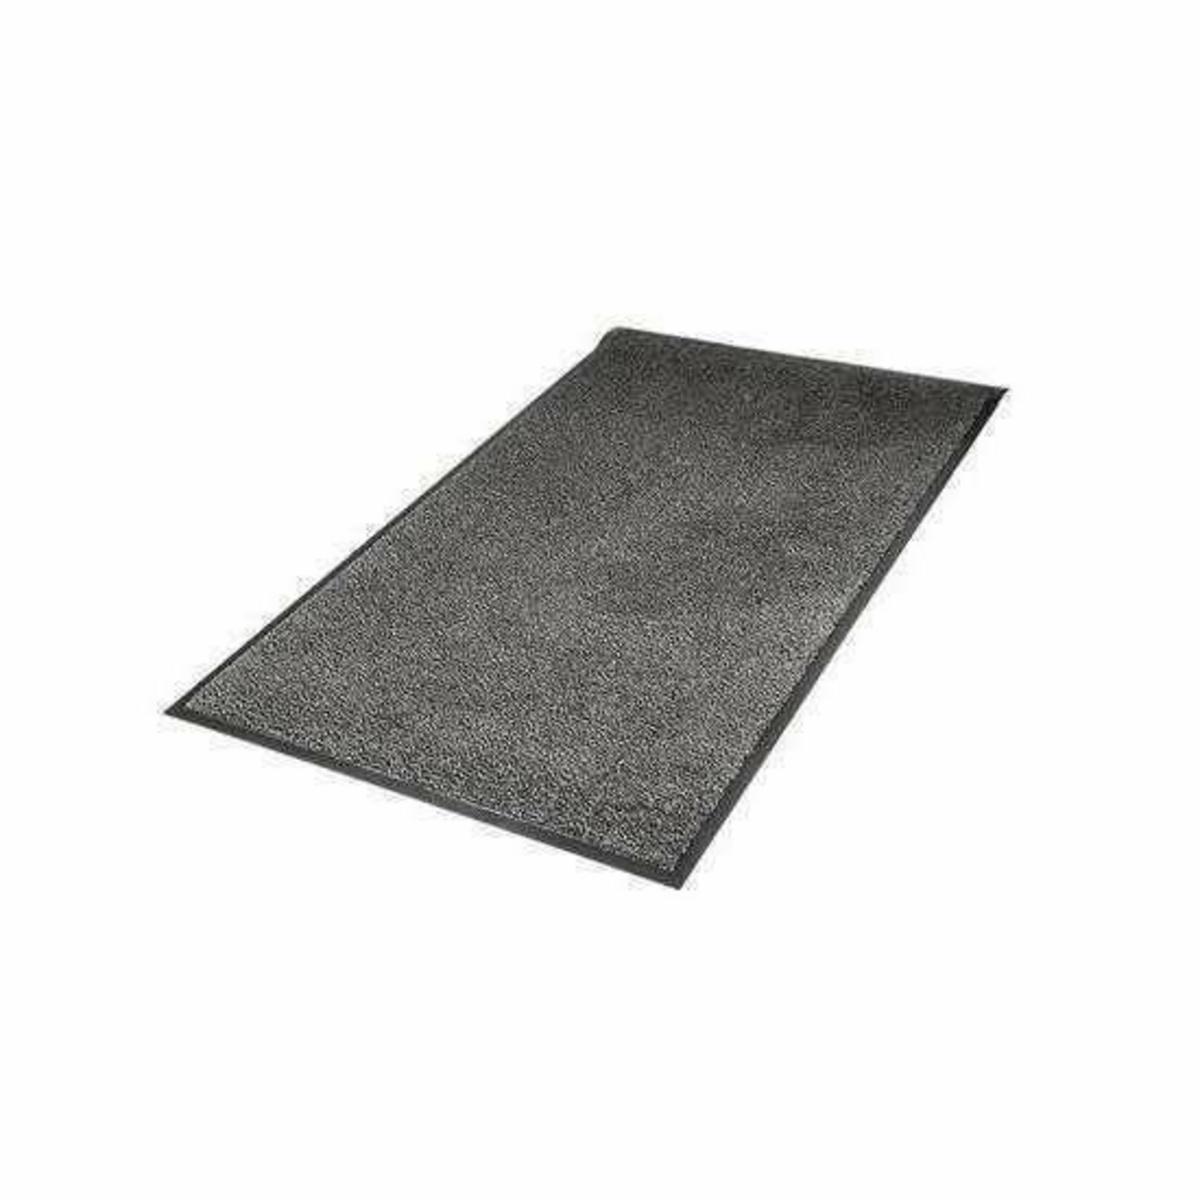 Tapis d'accueil intérieur rectangulaire gris 60x90 cm Softex 3m